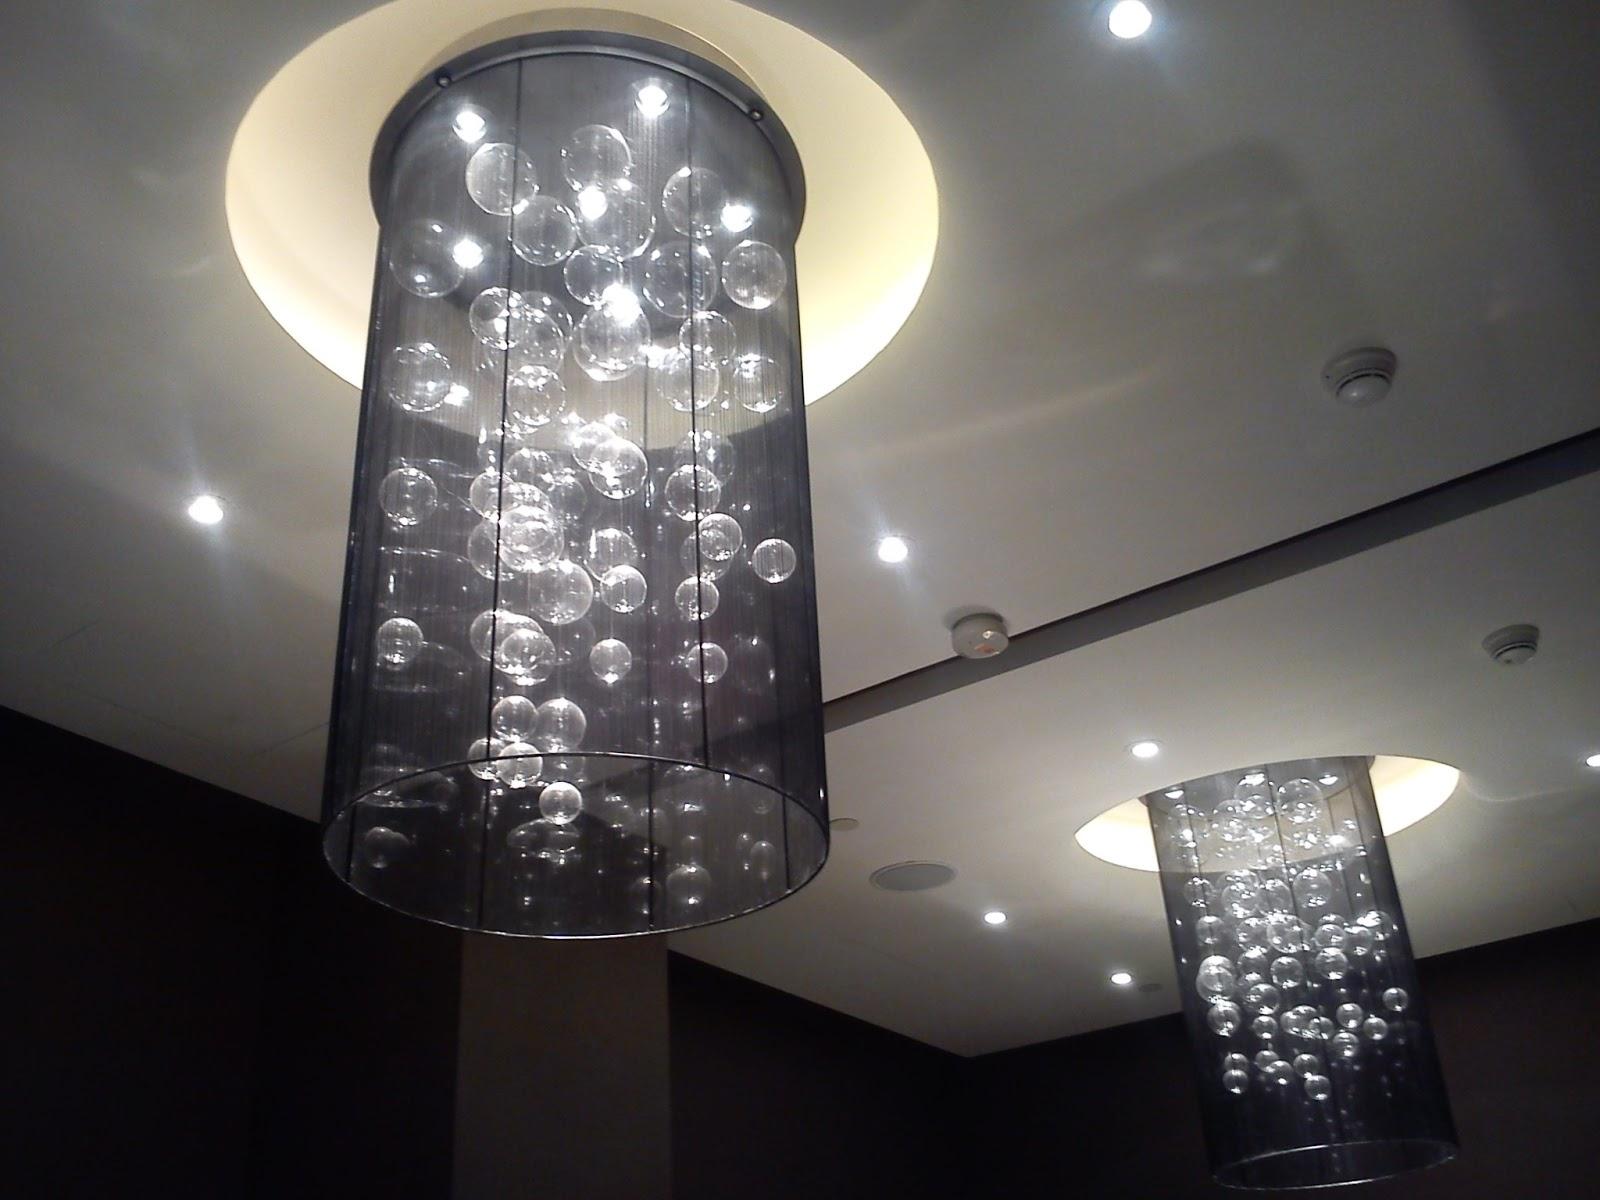 Dinli Lighting 鼎立燈飾有限公司 - 專業訂製燈具: 訂製室內餐廳燈具@紅花鐵板燒臺北101店